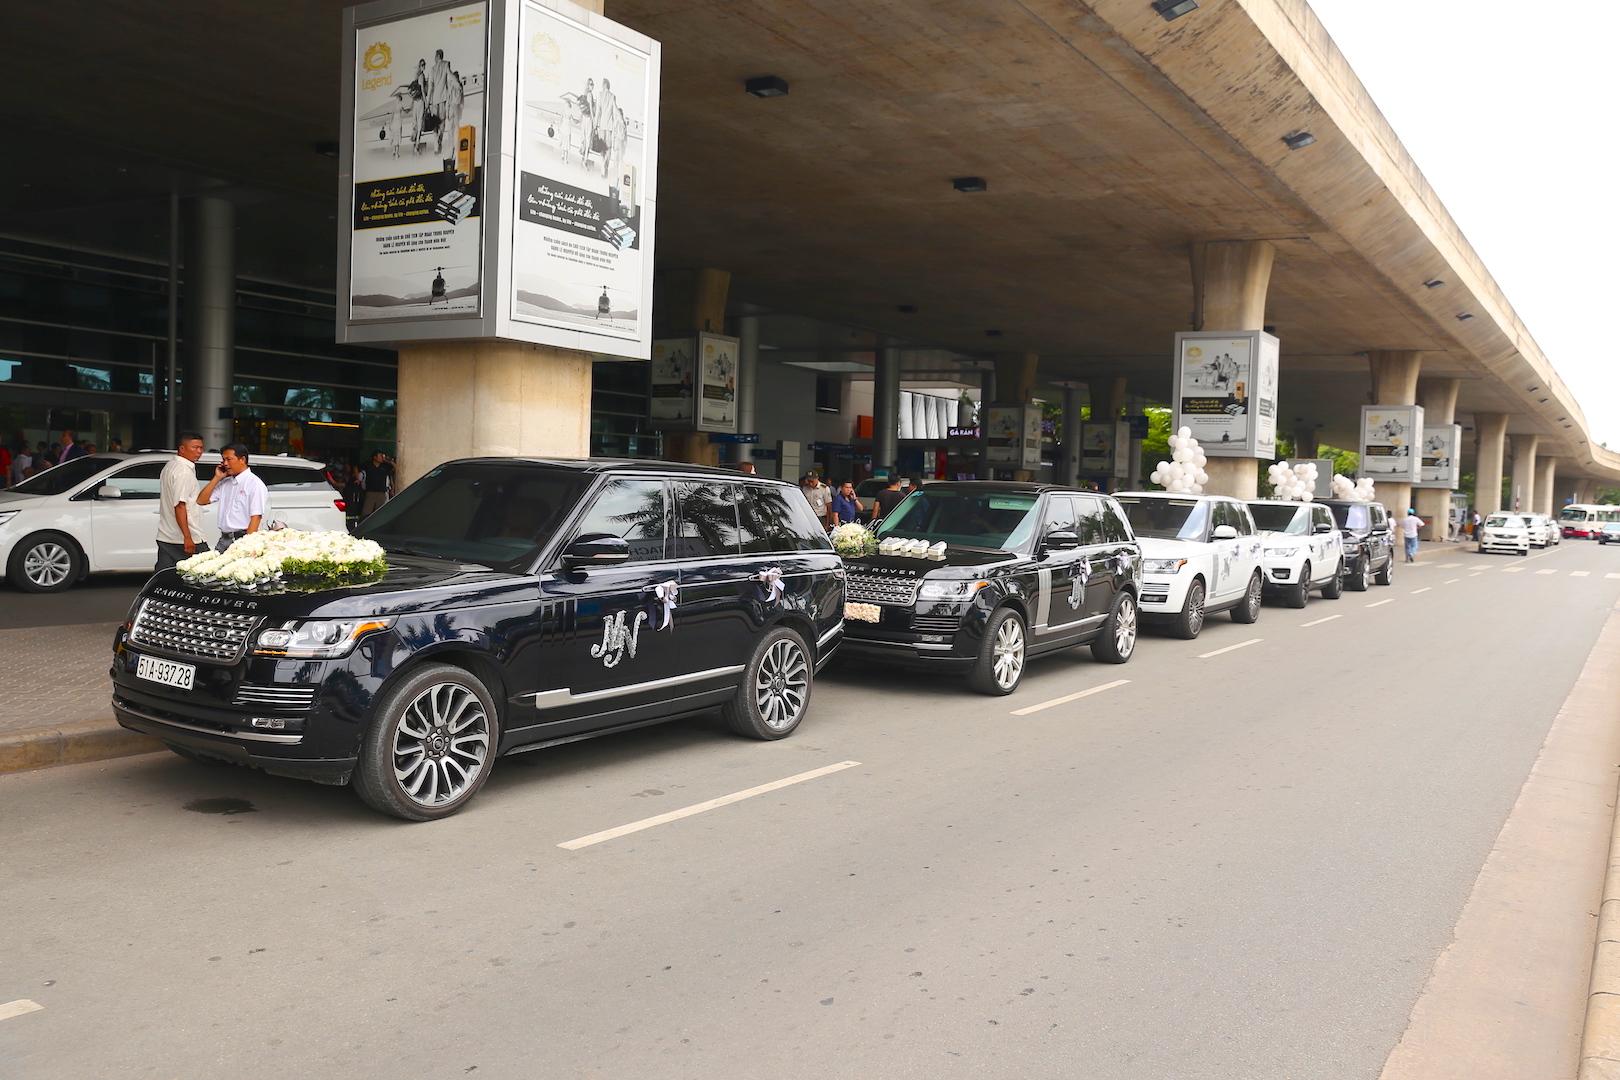 Sau vụ tử tử hụt gây xôn xao dư luận tuần trước, Minh Nhựa đã sắp xếp một dàn xe hạng sang SUV Range Rover để đón vợ trở về từ Mỹ, quá cảnh ở Hàn Quốc.